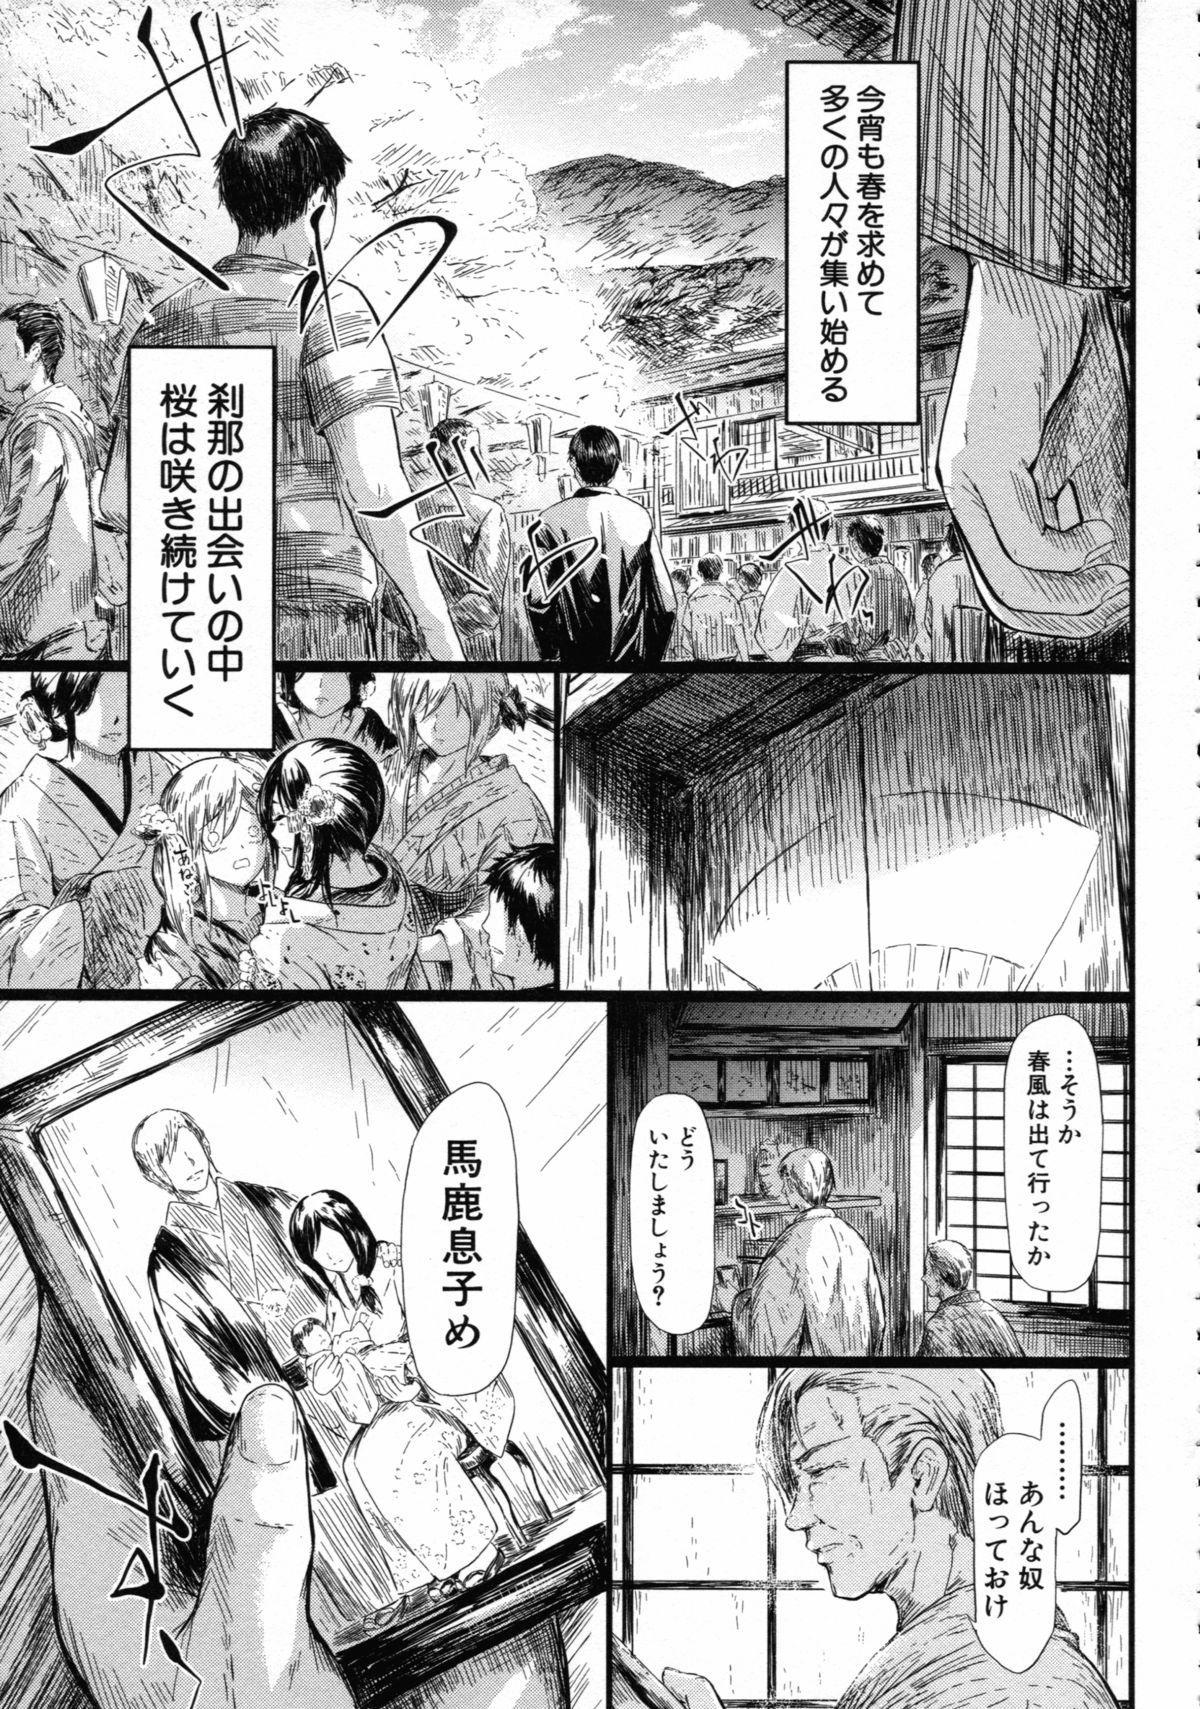 [Shiki Takuto] Tokoharu no Shoujo-tachi - The Girls in the Eternal Spring 183